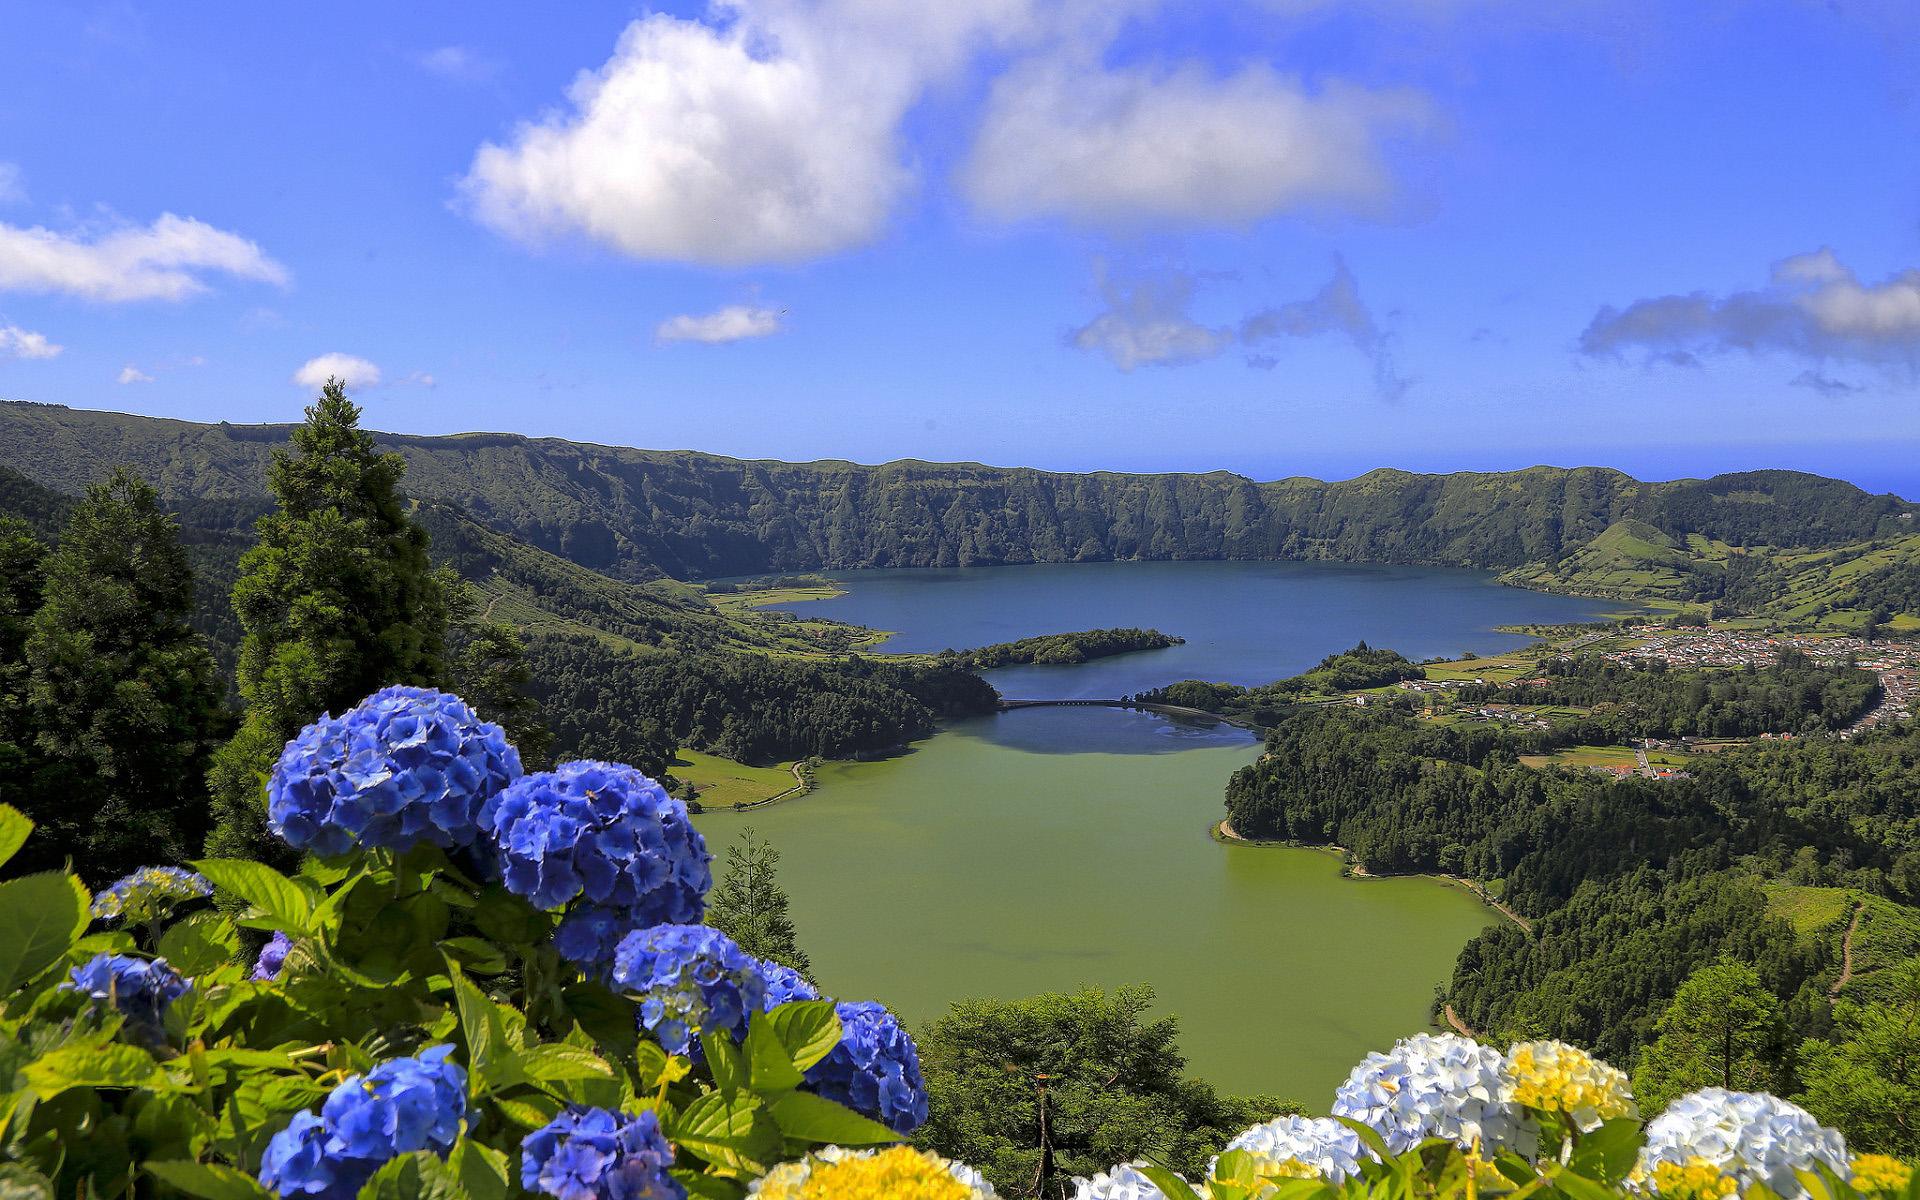 HDoboi.Kiev.ua - Остров Сан-Мигель, Азорские острова, Португалия, озеро, горы, цветы, природа